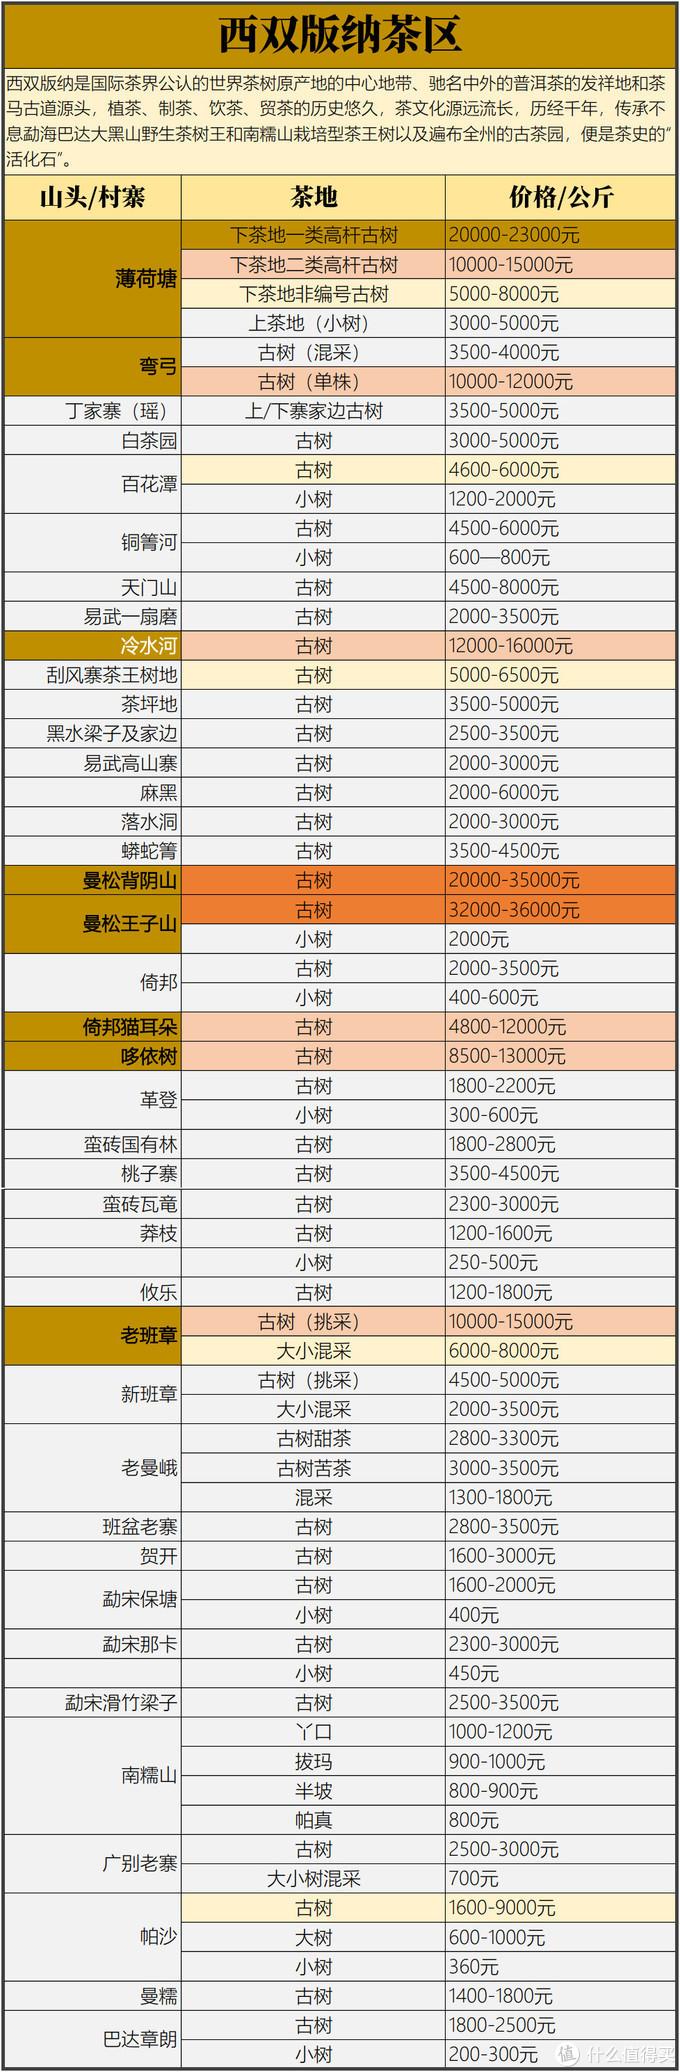 西双版纳茶区2021春茶价格预测(网络数据,仅供参考)